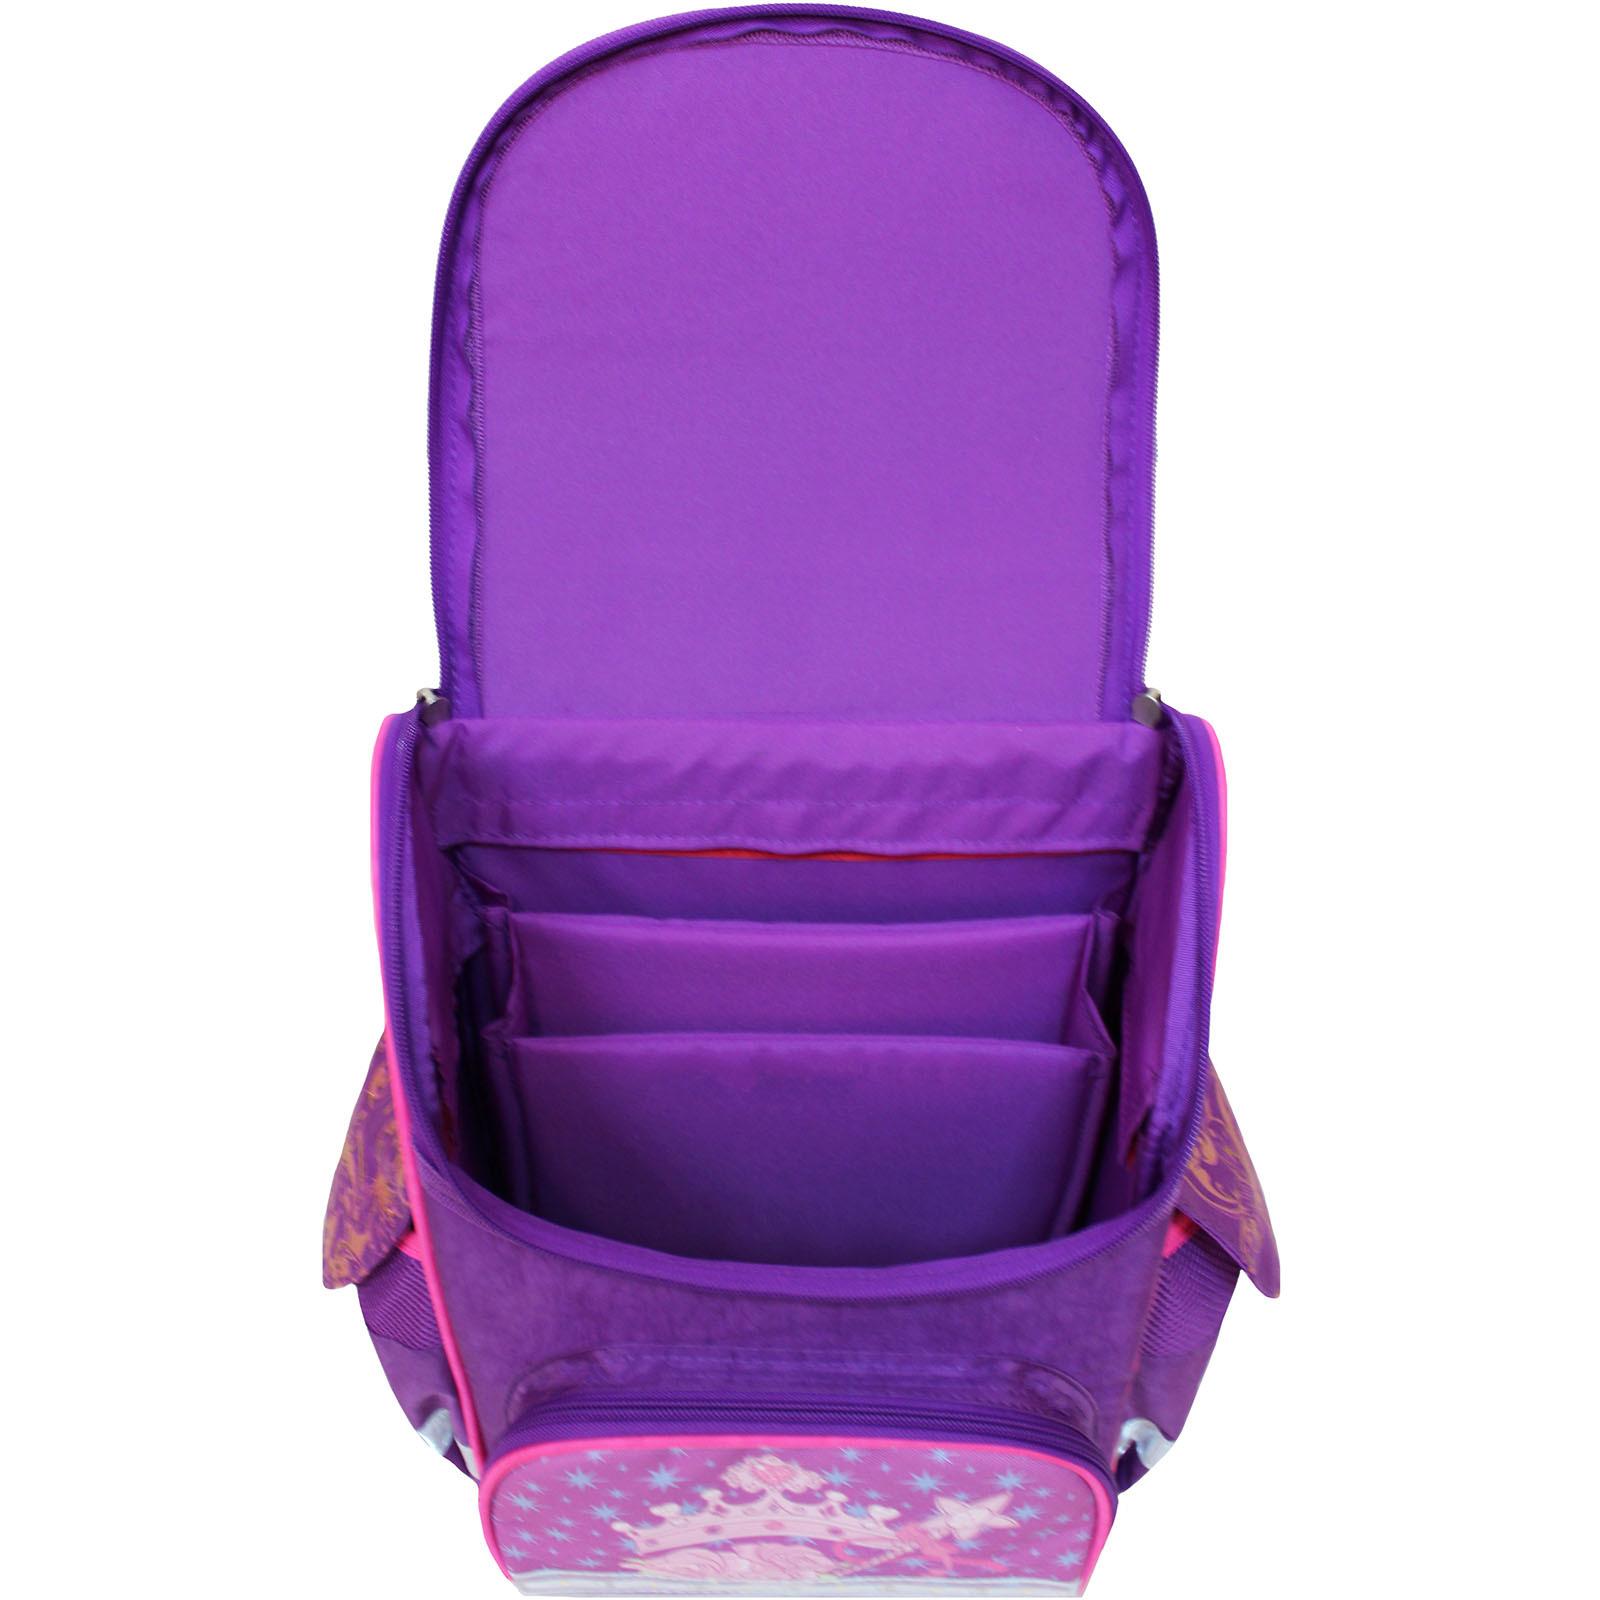 Рюкзак школьный каркасный с фонариками Bagland Успех 12 л. фиолетовый 387 (00551703)